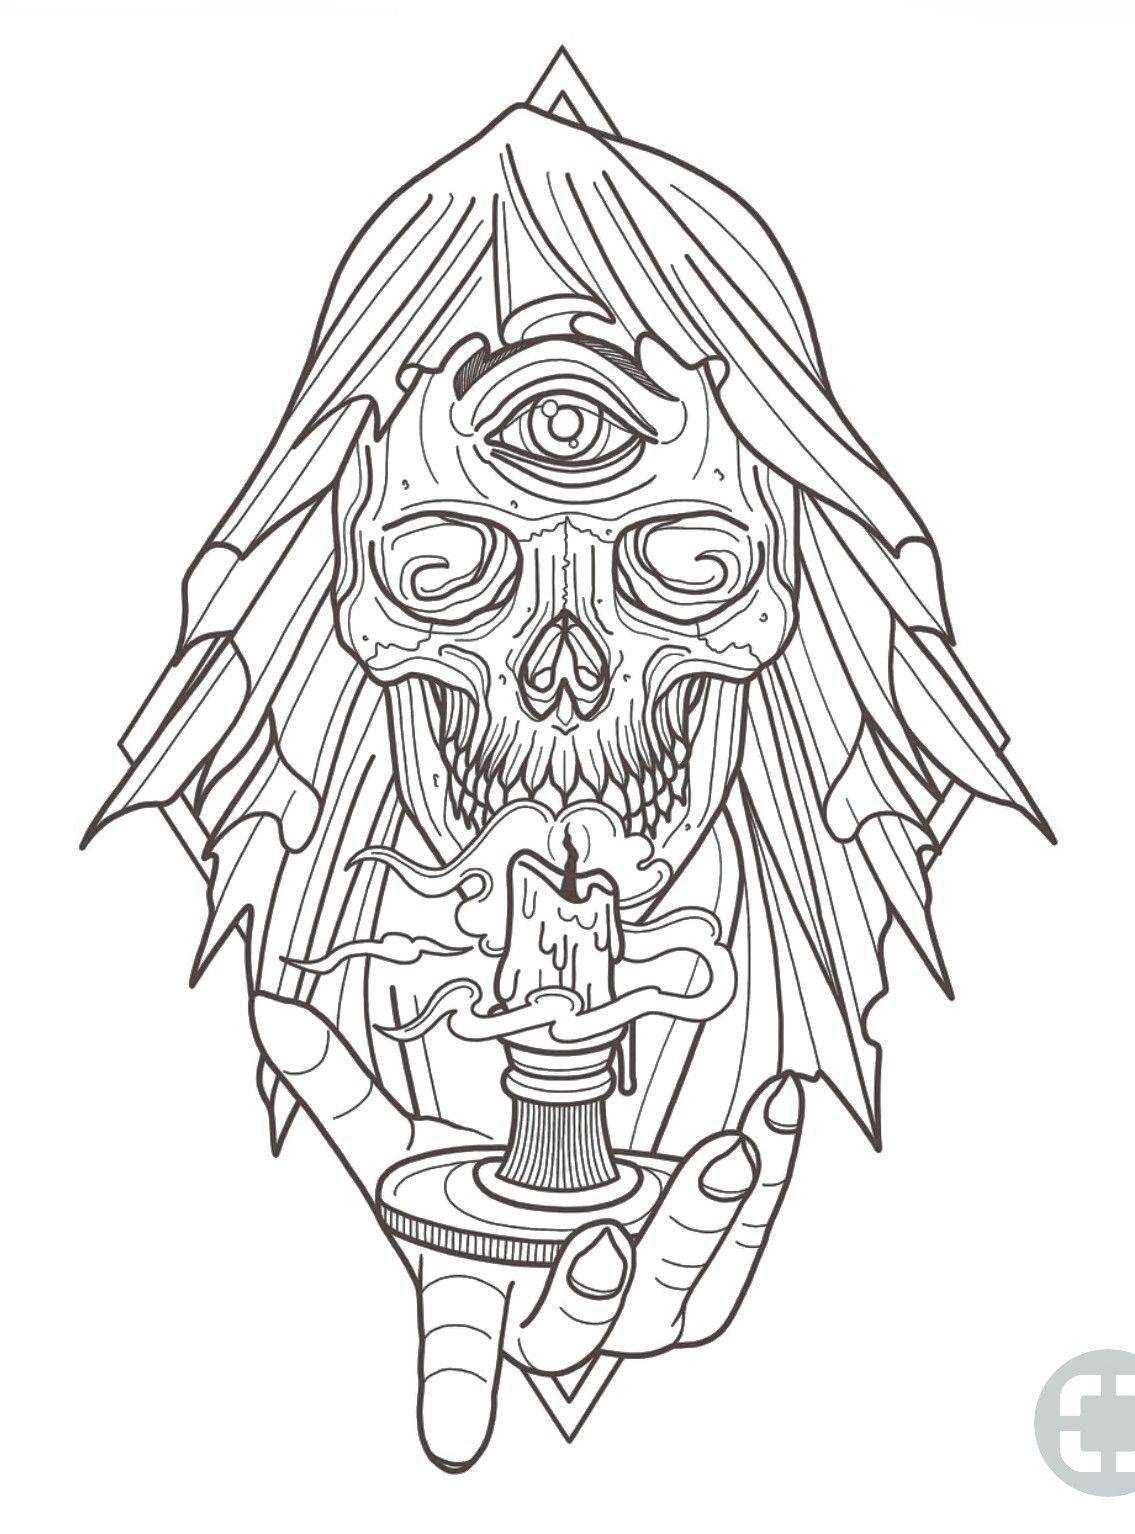 Pin By Gabriel Dominguez On Tatuajes Skull Tattoo Design Octopus Tattoo Design Candle Tattoo